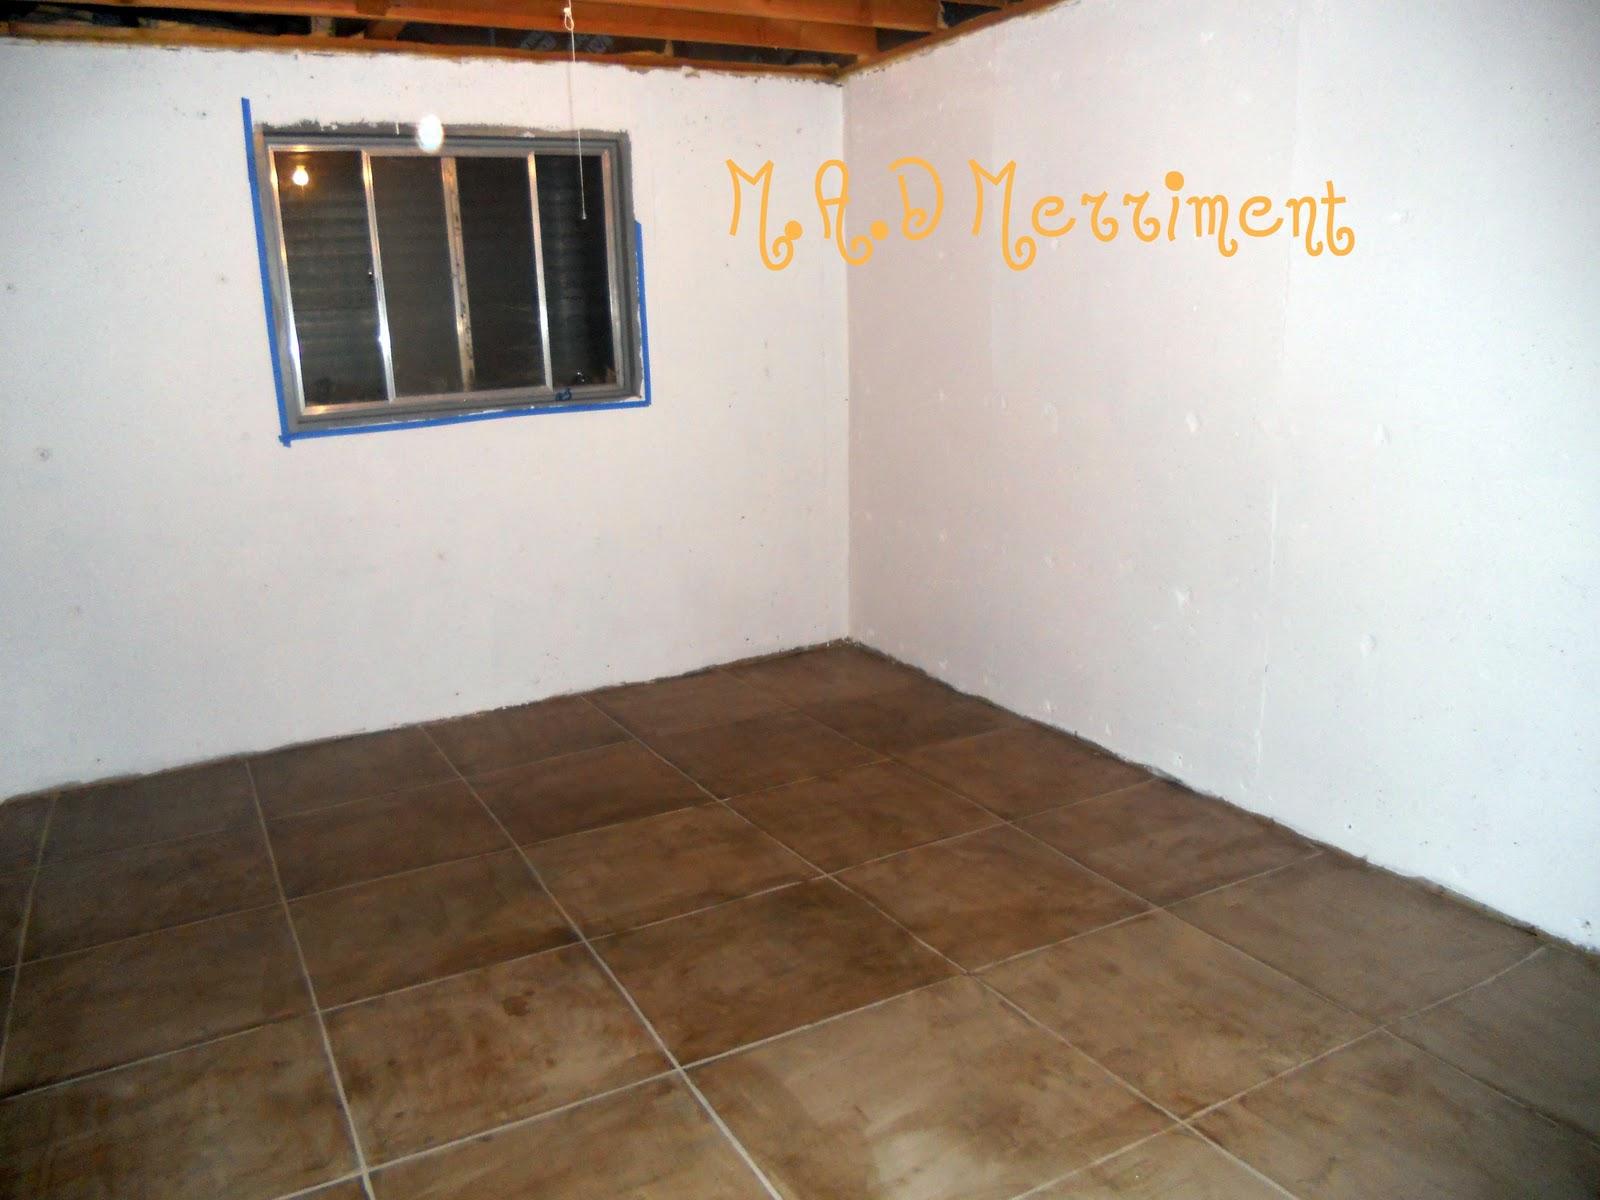 Painting Concrete Basement Walls Ideas Basement Decor Second